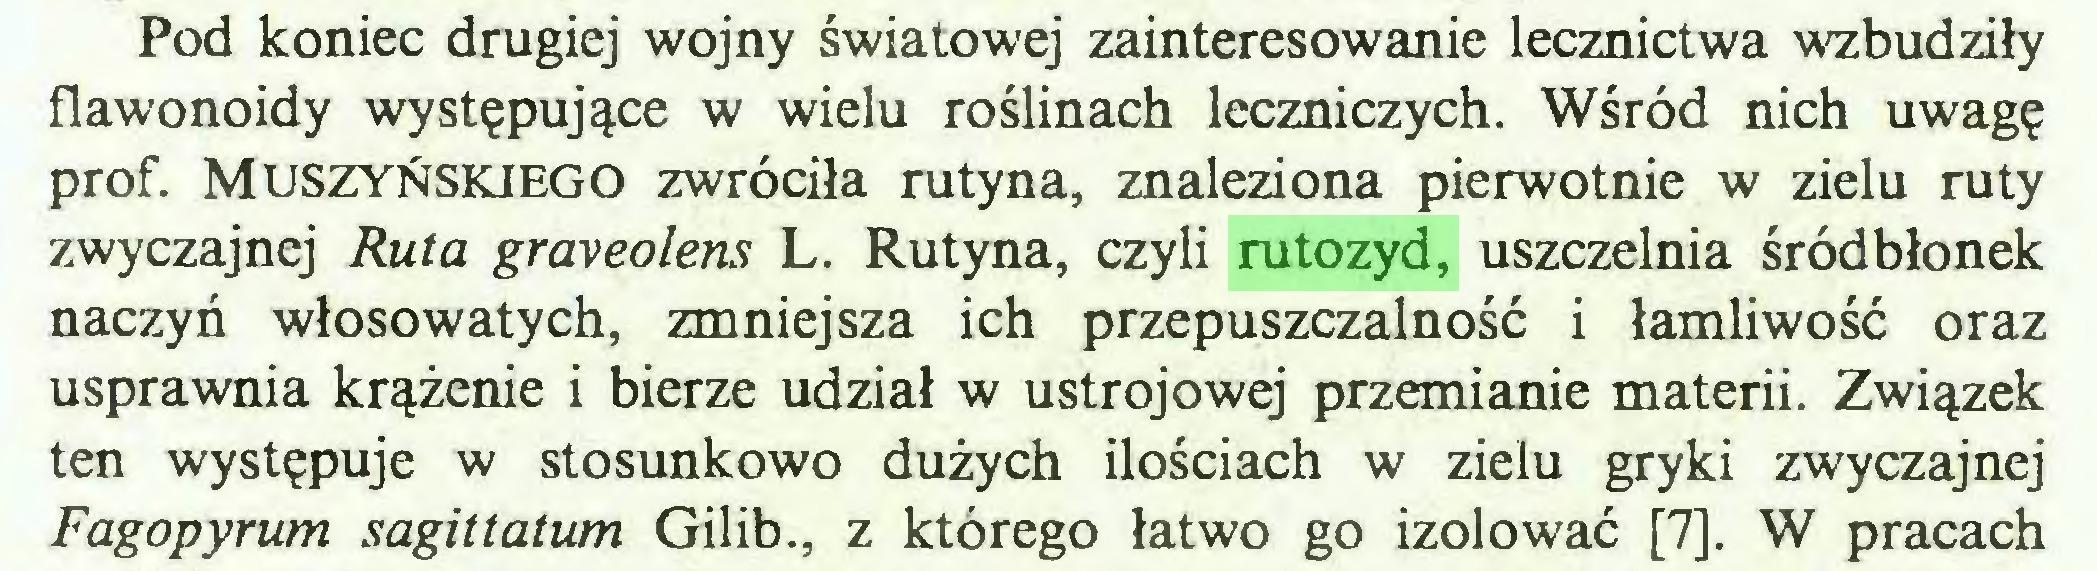 (...) Pod koniec drugiej wojny światowej zainteresowanie lecznictwa wzbudziły flawonoidy występujące w wielu roślinach leczniczych. Wśród nich uwagę prof. Muszyńskiego zwróciła rutyna, znaleziona pierwotnie w zielu ruty zwyczajnej Ruta graveolens L. Rutyna, czyli rutozyd, uszczelnia śródbłonek naczyń włosowatych, zmniejsza ich przepuszczalność i łamliwość oraz usprawnia krążenie i bierze udział w ustrojowej przemianie materii. Związek ten występuje w stosunkowo dużych ilościach w zielu gryki zwyczajnej Fagopyrum sagittatum Gilib., z którego łatwo go izolować [7]. W pracach...